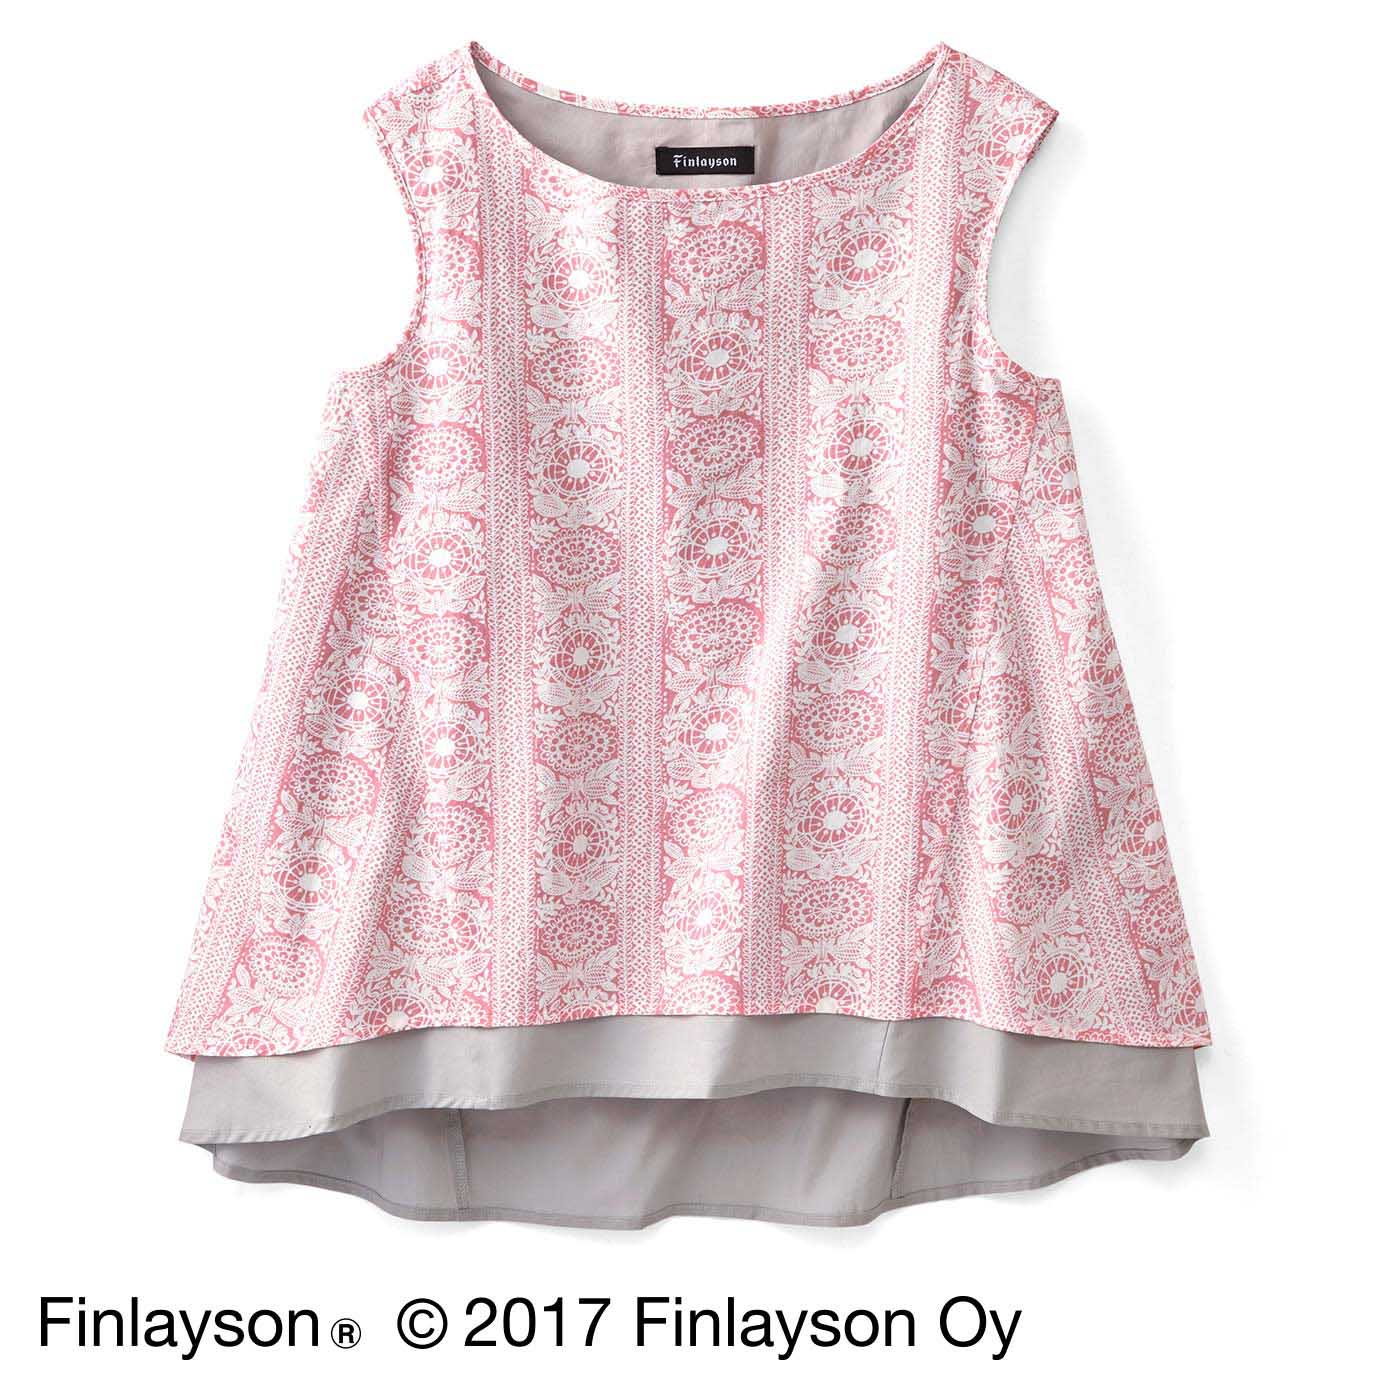 Finlayson フィンレイソン 色の重なりを楽しむノースリーブトップス〈タイミ〉